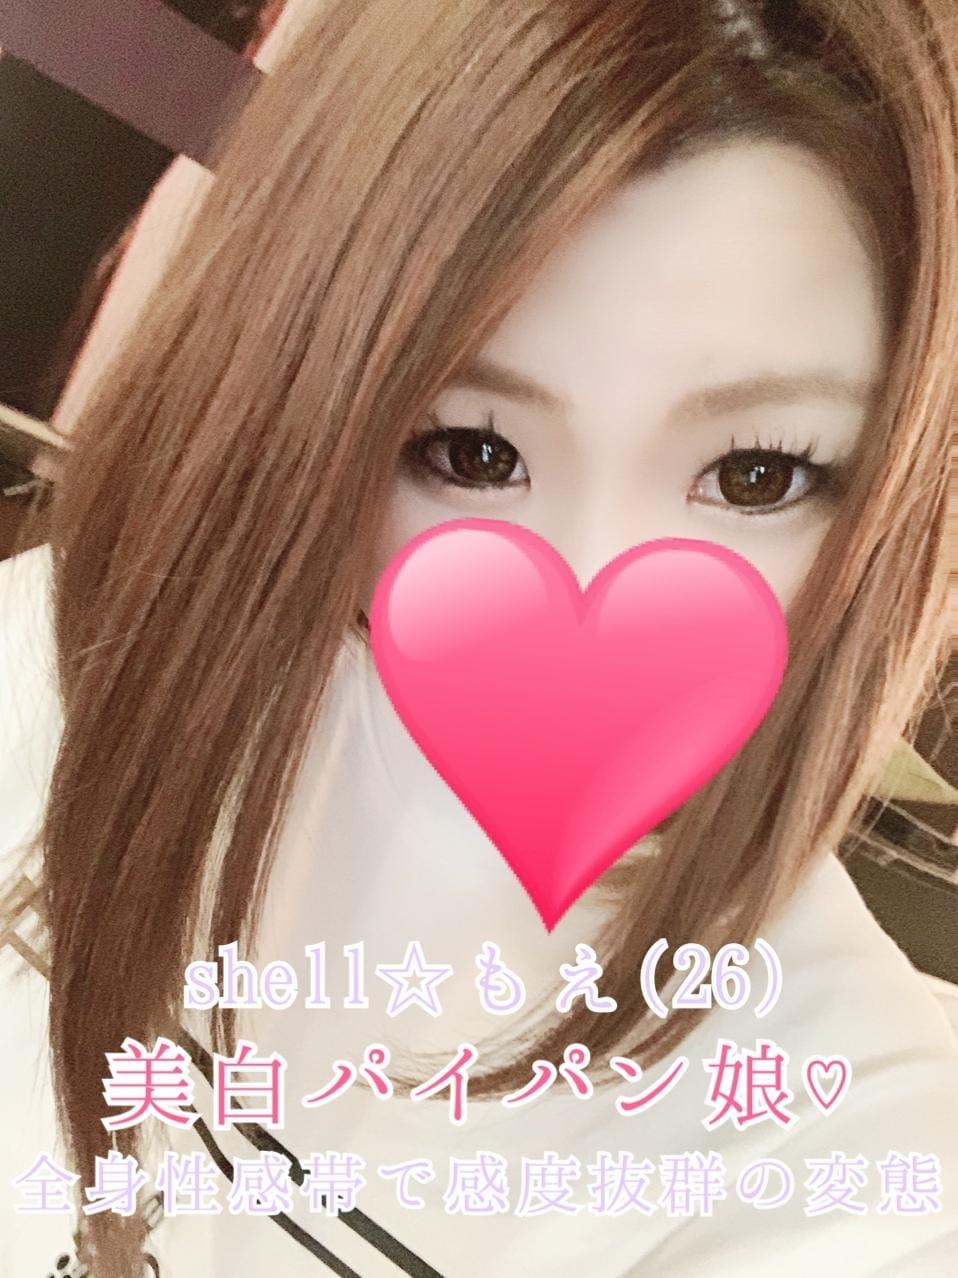 「よる9時✩.*˚」05/09(日) 16:13   ☆もえ☆の写メ・風俗動画